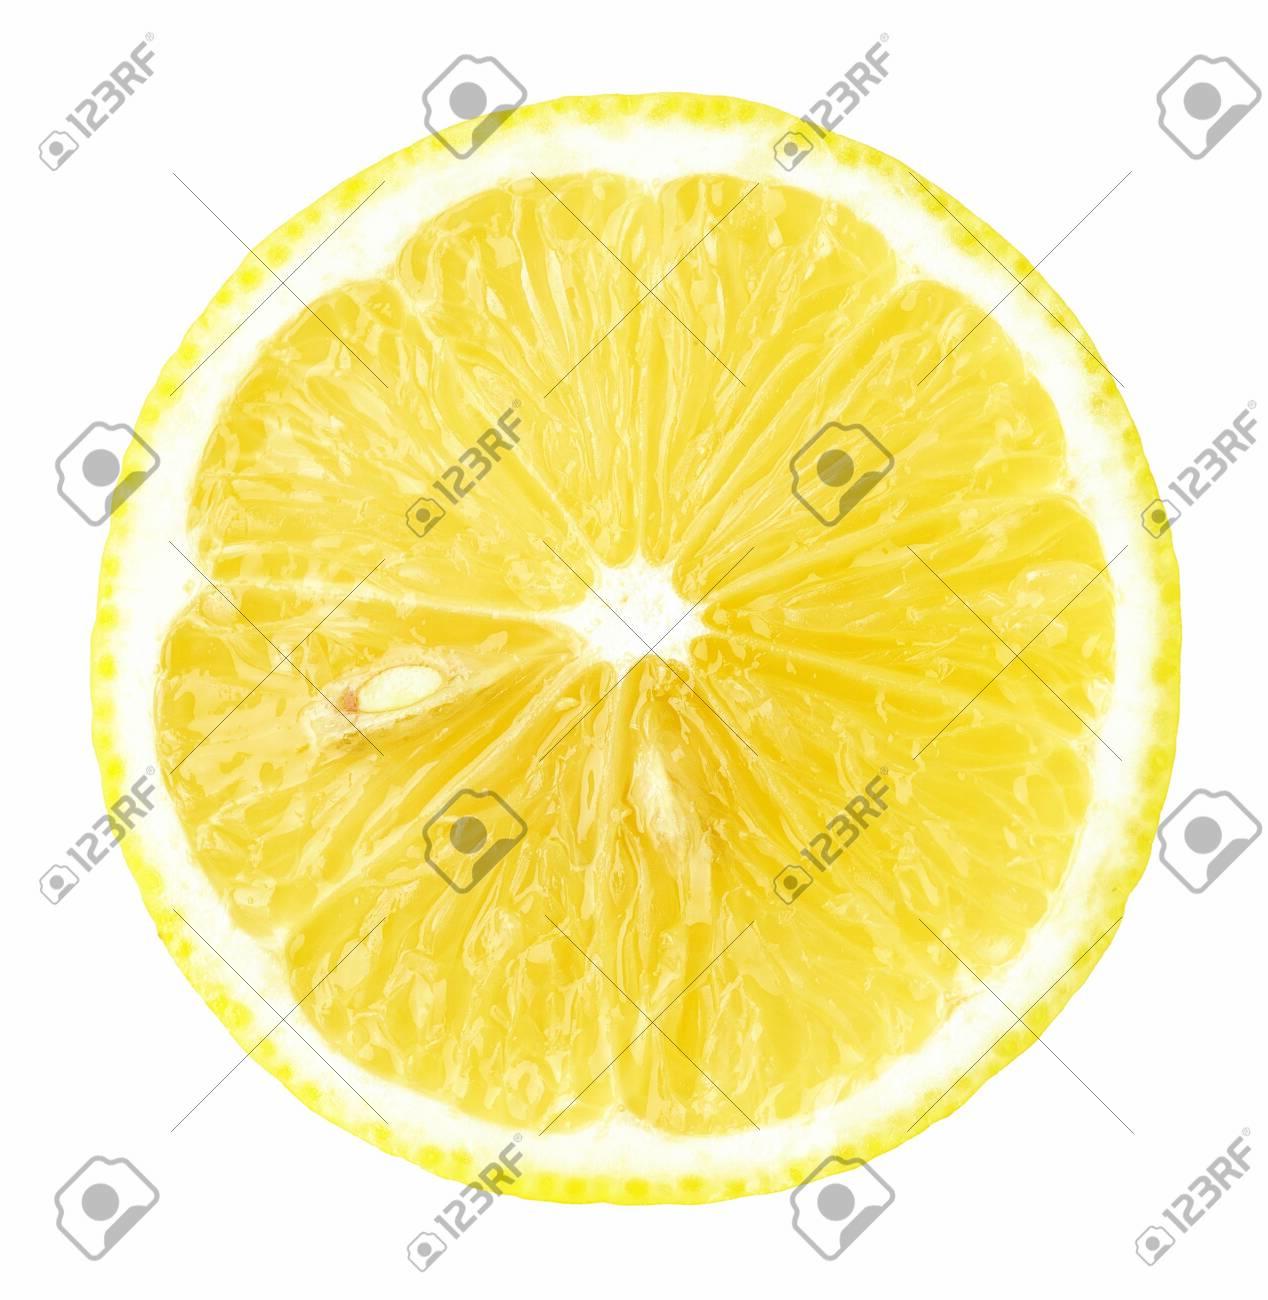 fresh yellow lemon isolated on white - 154784212